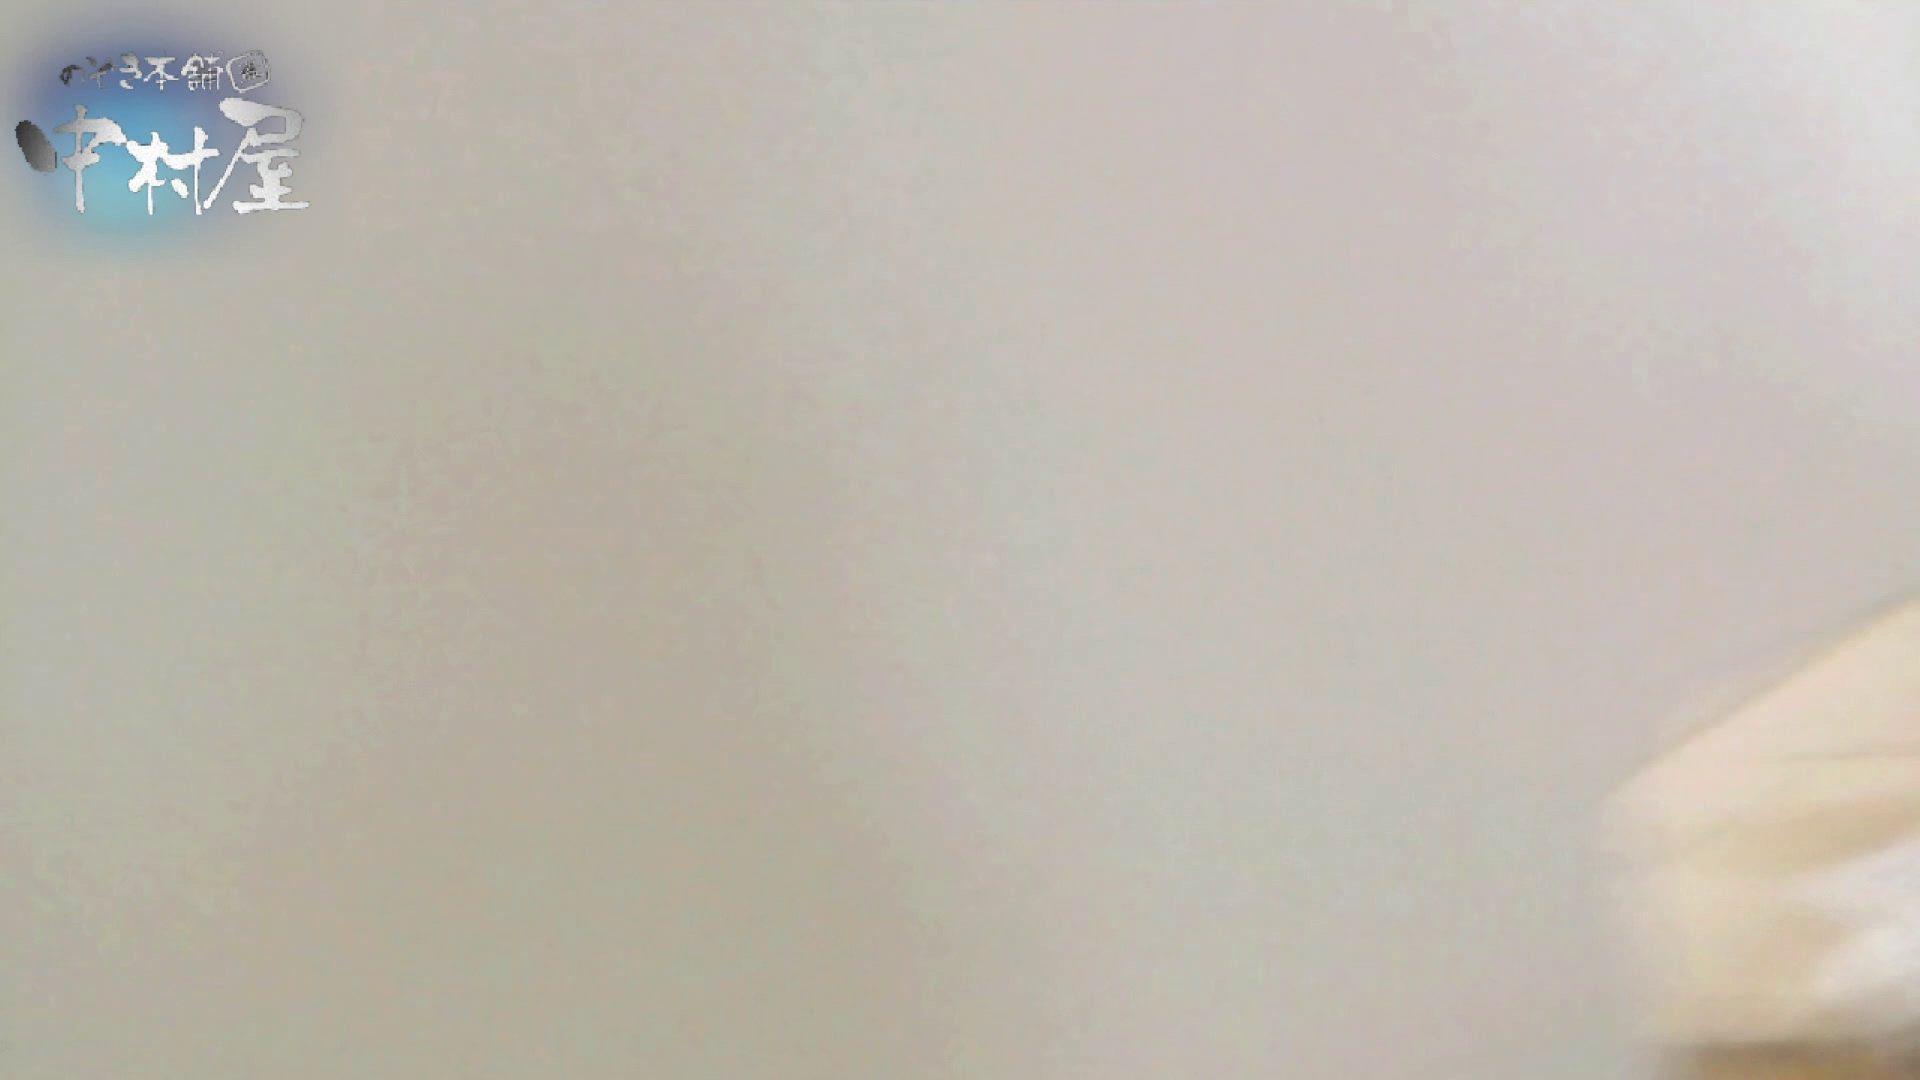 乙女集まる!ショッピングモール潜入撮vol.10 トイレ ワレメ動画紹介 94枚 93